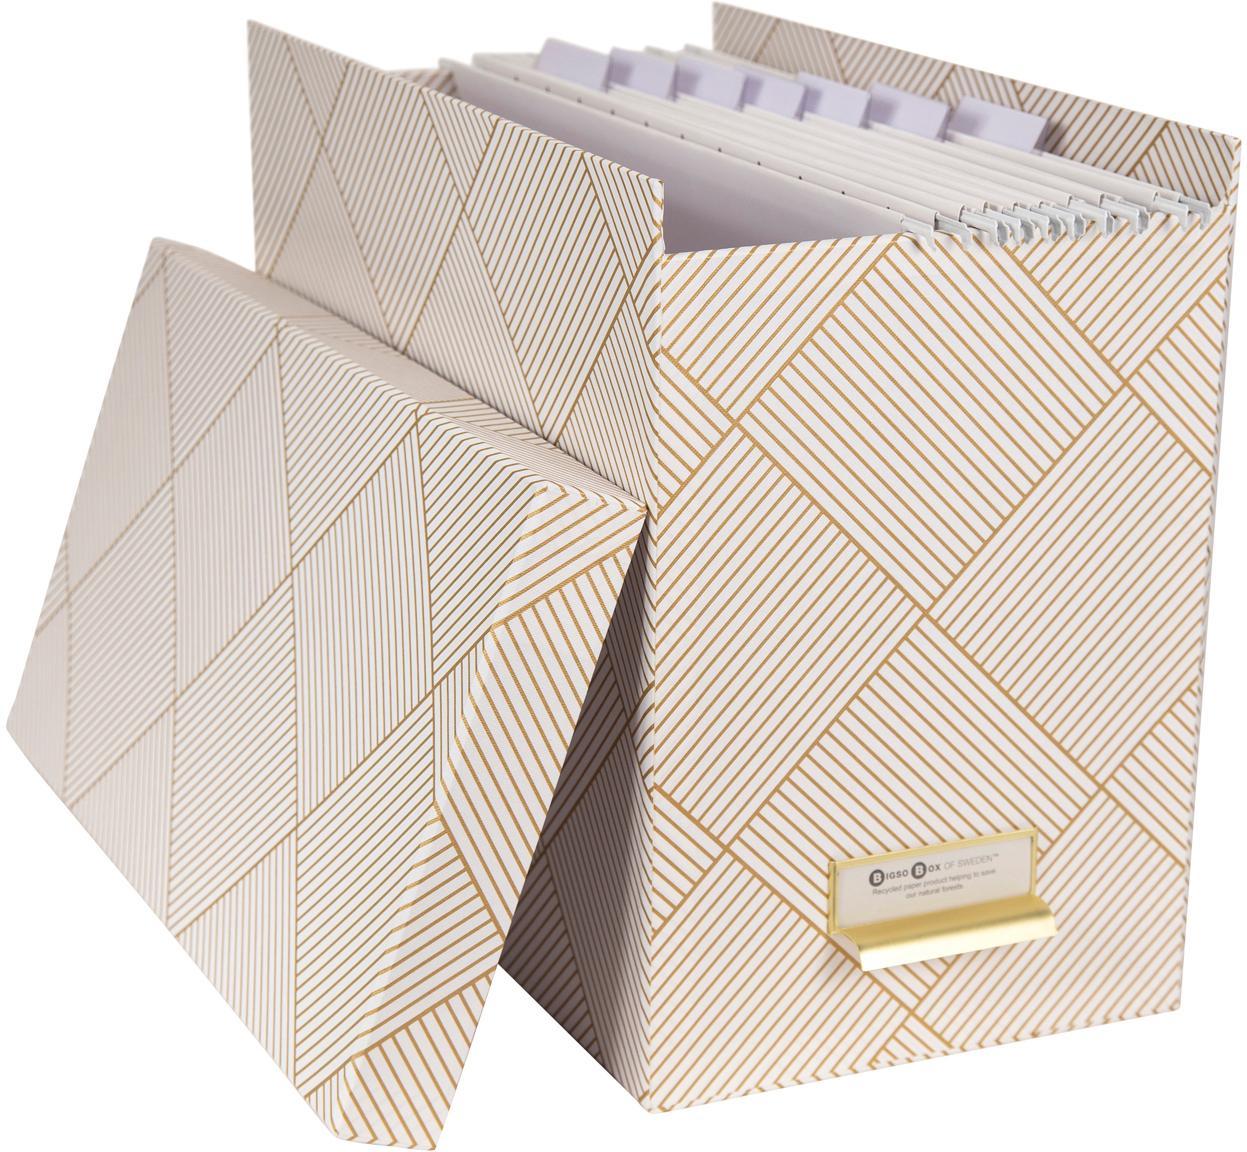 Hängeregister-Box Johan, 9-tlg., Organizer: Fester, laminierter Karto, Goldfarben, Weiss, 19 x 27 cm